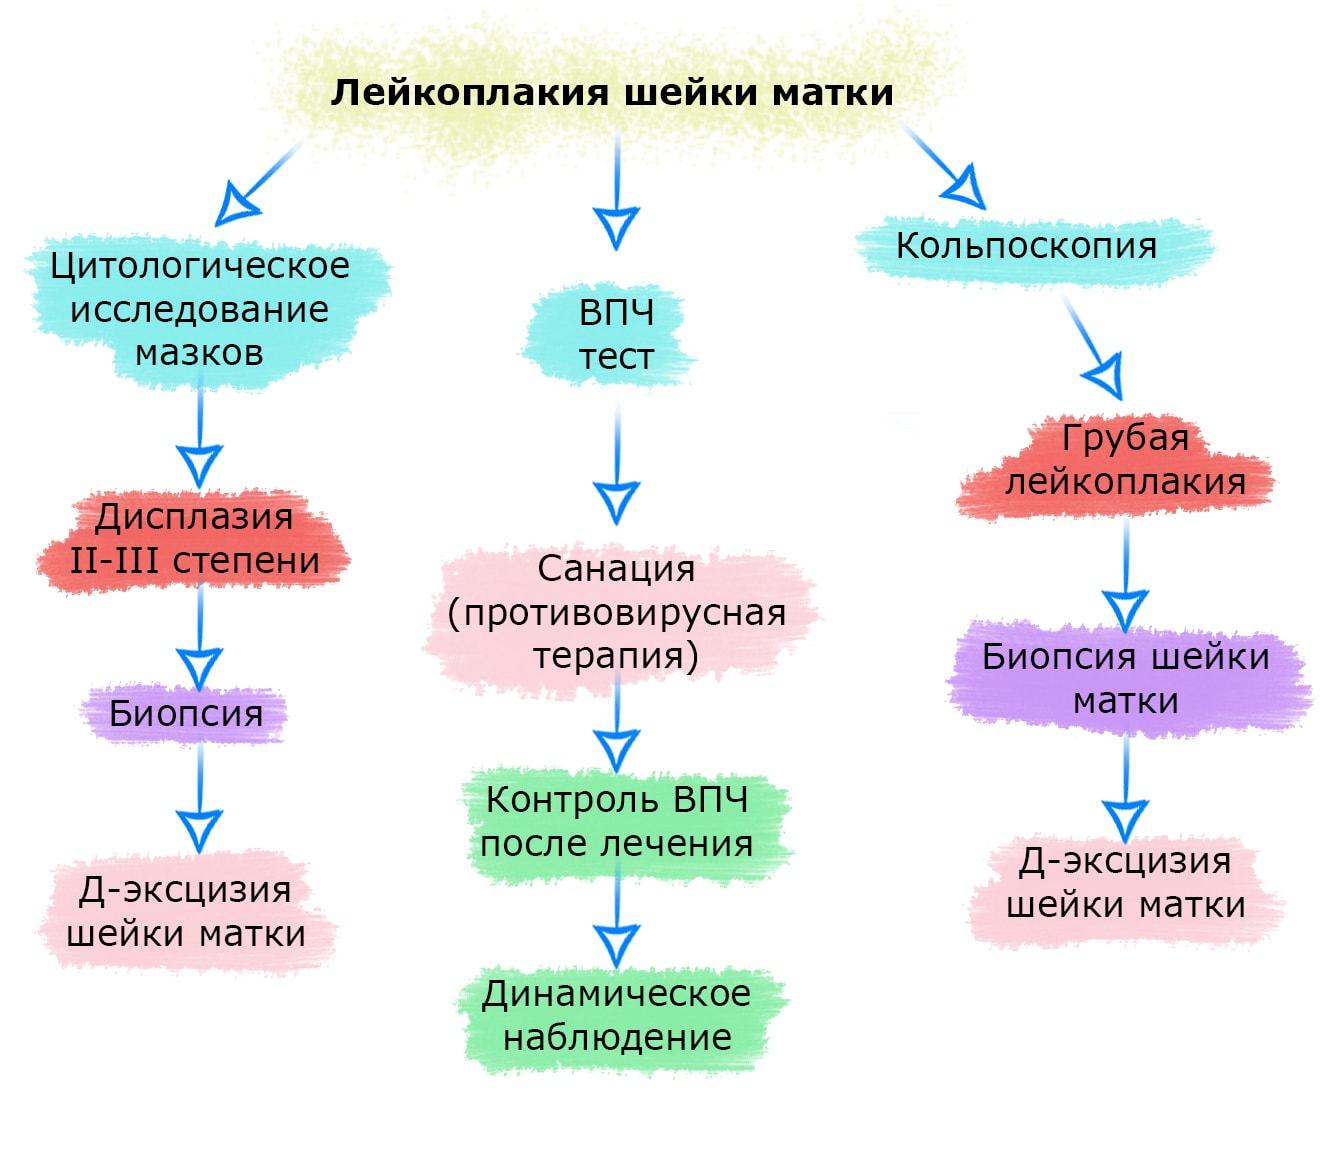 лейкоплакия шейки матки-min